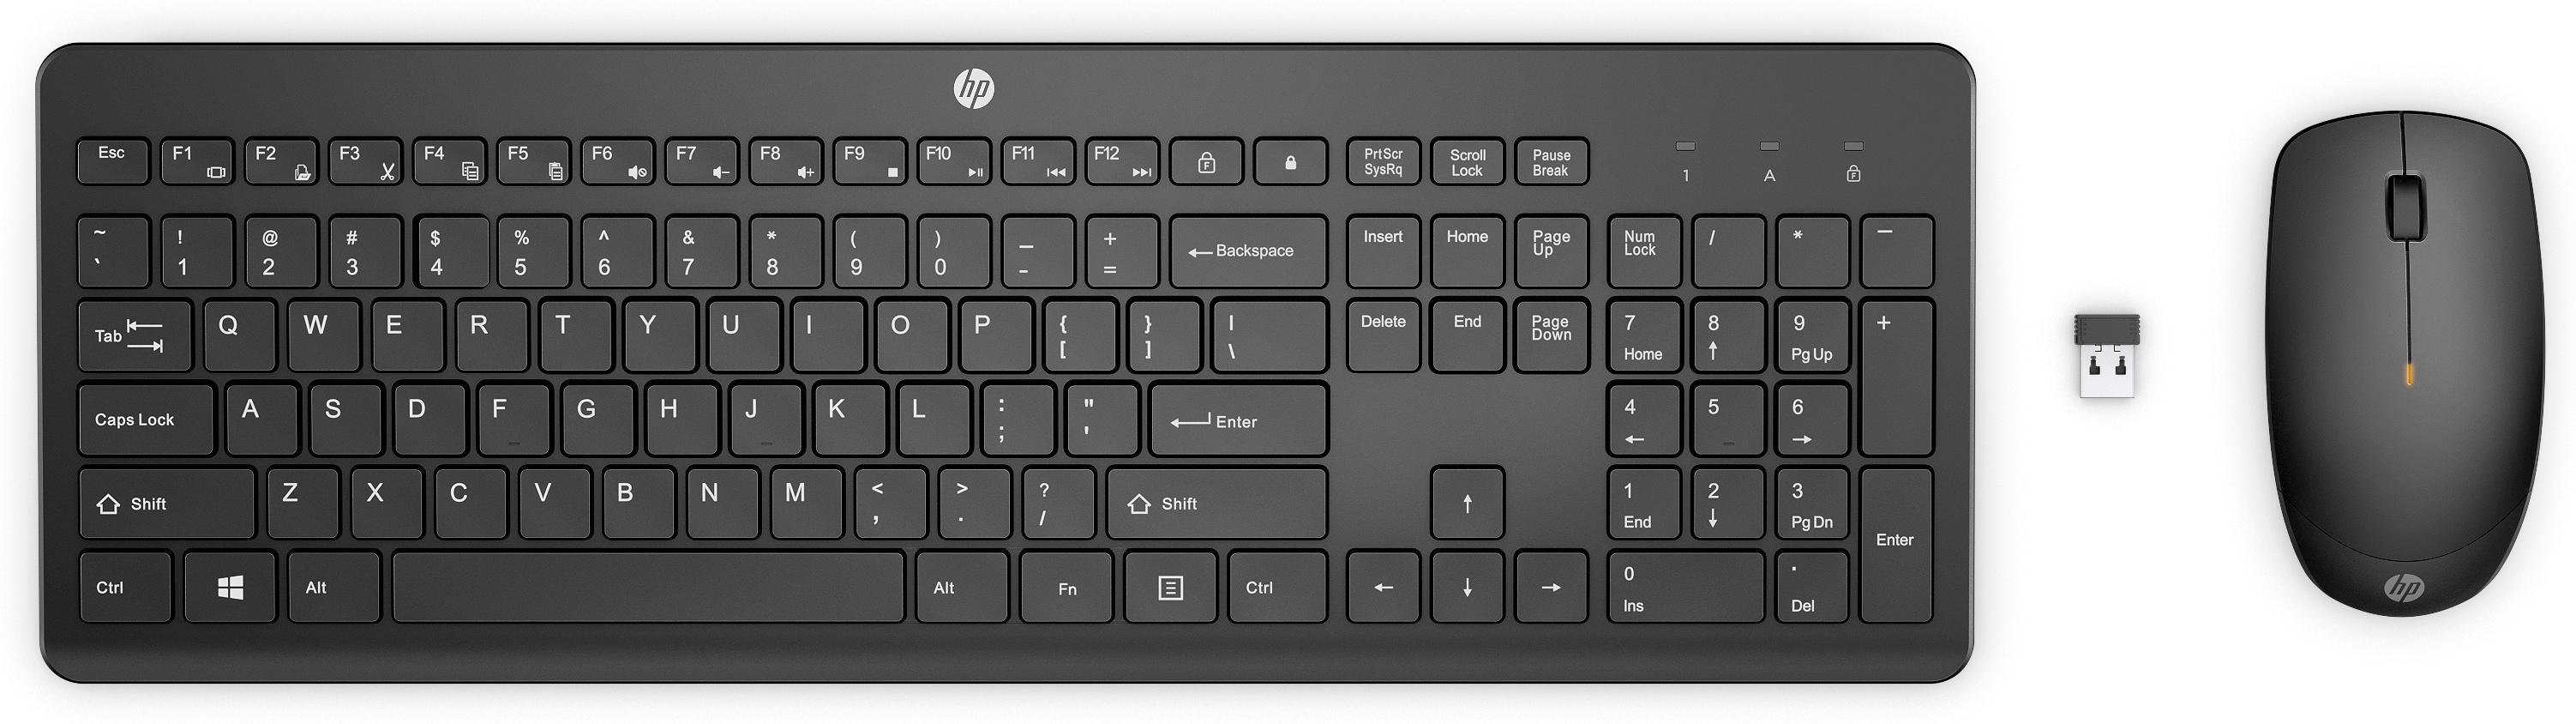 Vorschau: HP 235 - Tastatur-und-Maus-Set - kabellos - für EliteBook 835 G8, 840, 845 G8, 855 G8